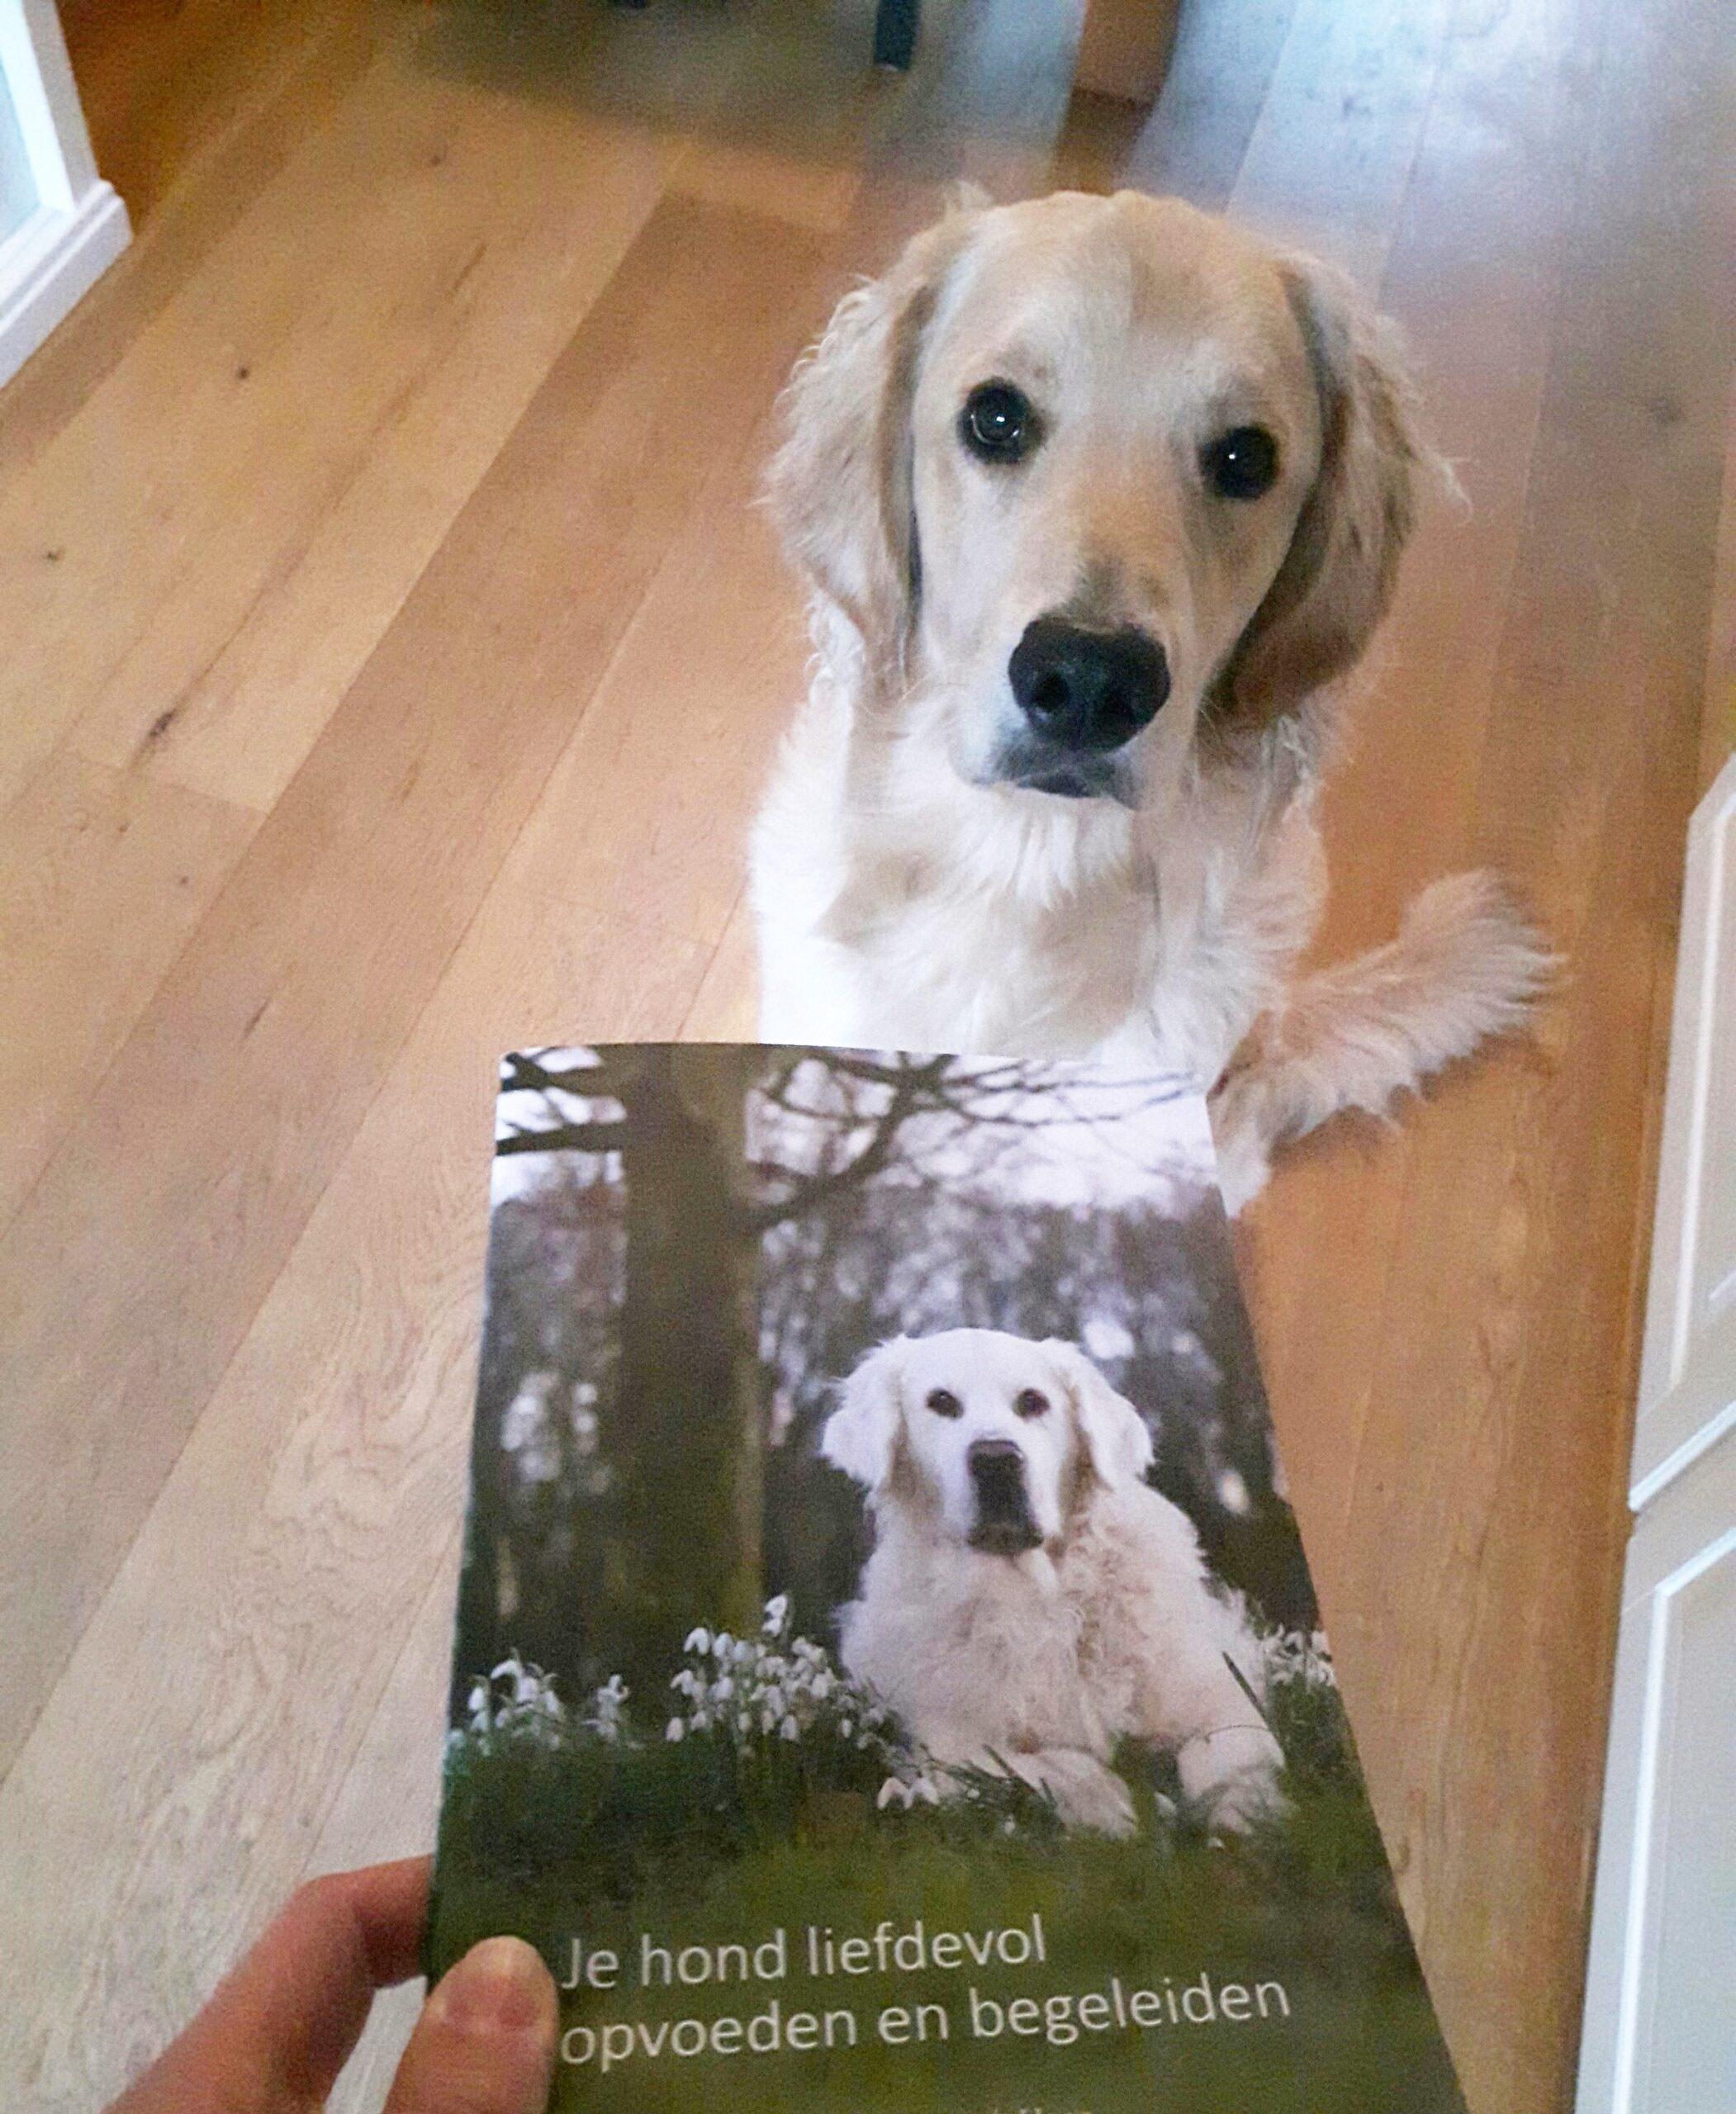 Beste informatie boek opvoeding honden opvoedboek puppy handleiding puppypakket liefdevol opvoeden en begeleiden turid rugaas